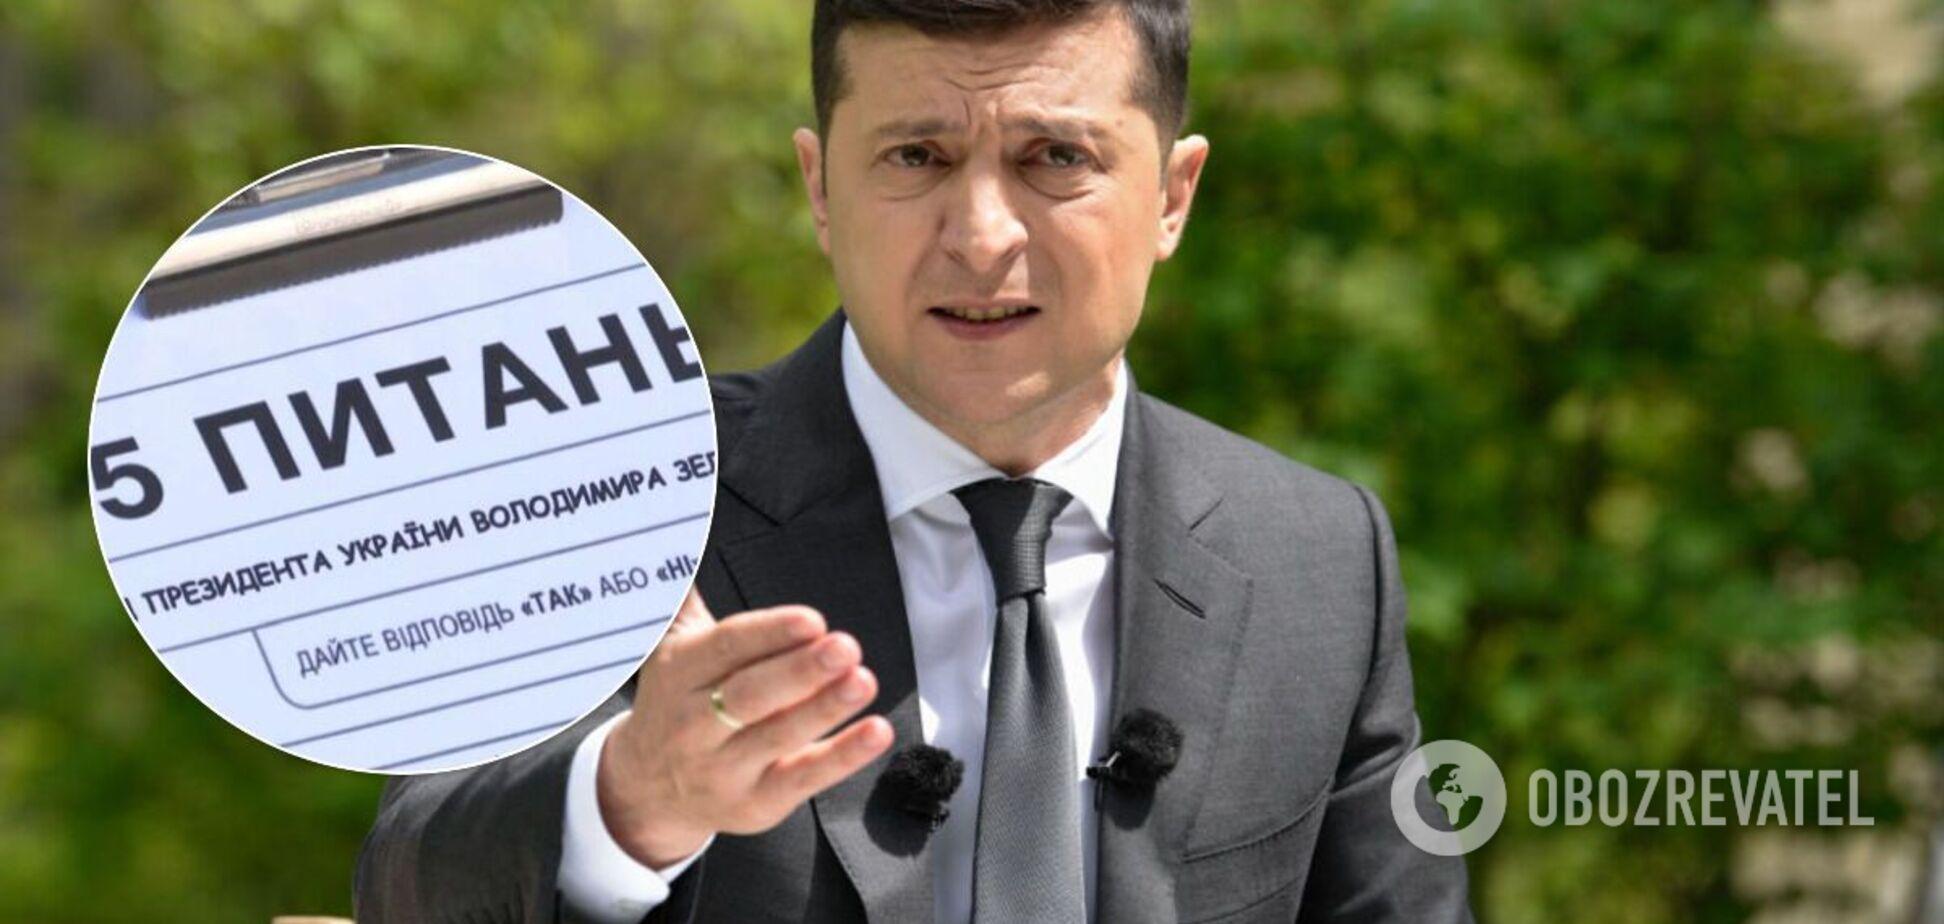 Поразка 'Слуг народу' говорить про занепад популізму в Україні?